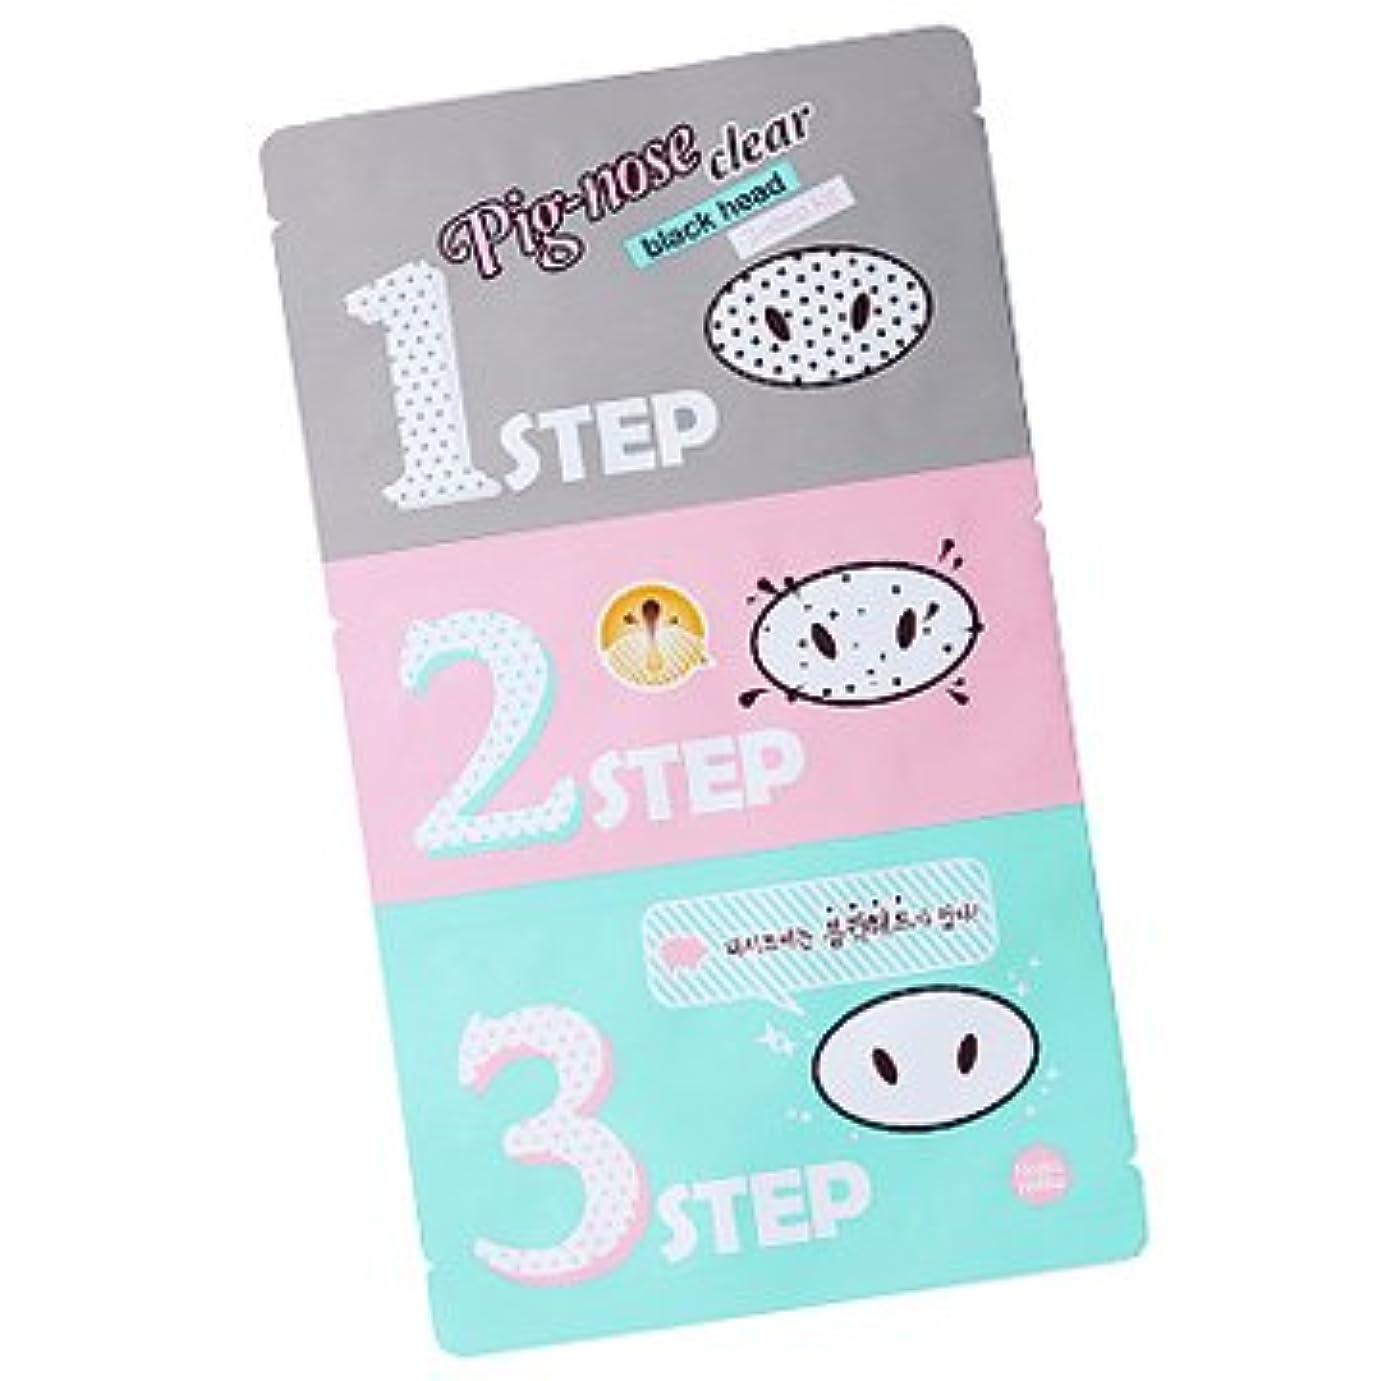 玉ねぎ堂々たる怪しいHolika Holika Pig Nose Clear Black Head 3-Step Kit 10EA (Nose Pack) ホリカホリカ ピグノーズクリアブラックヘッド3-Stepキット(鼻パック) 10pcs [並行輸入品]